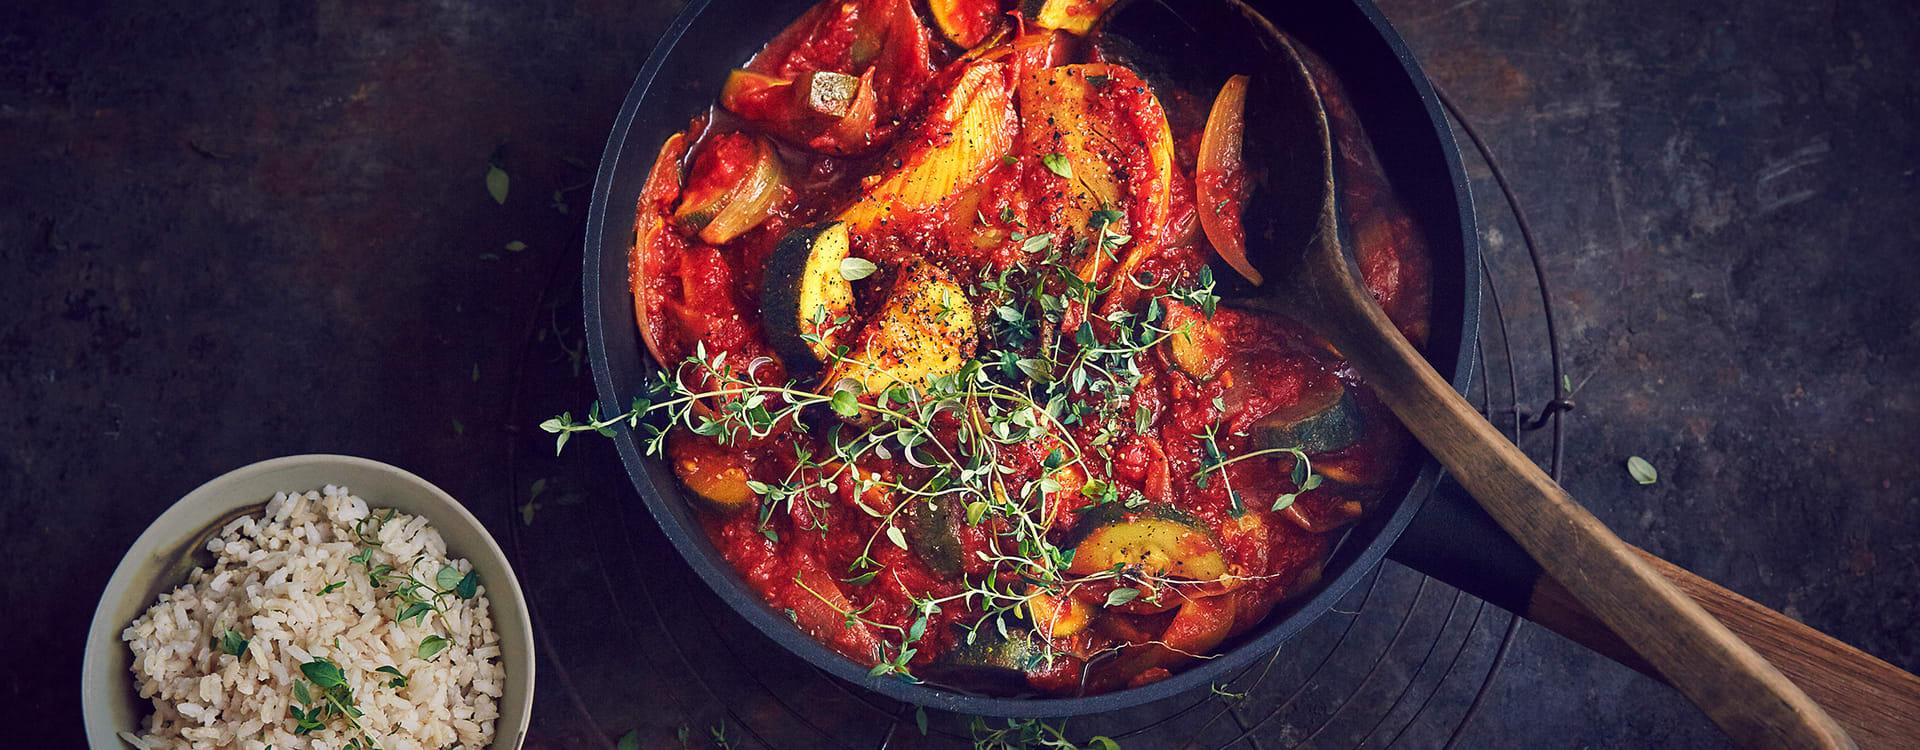 Tomatisert fennikel- og løkgryte med ris